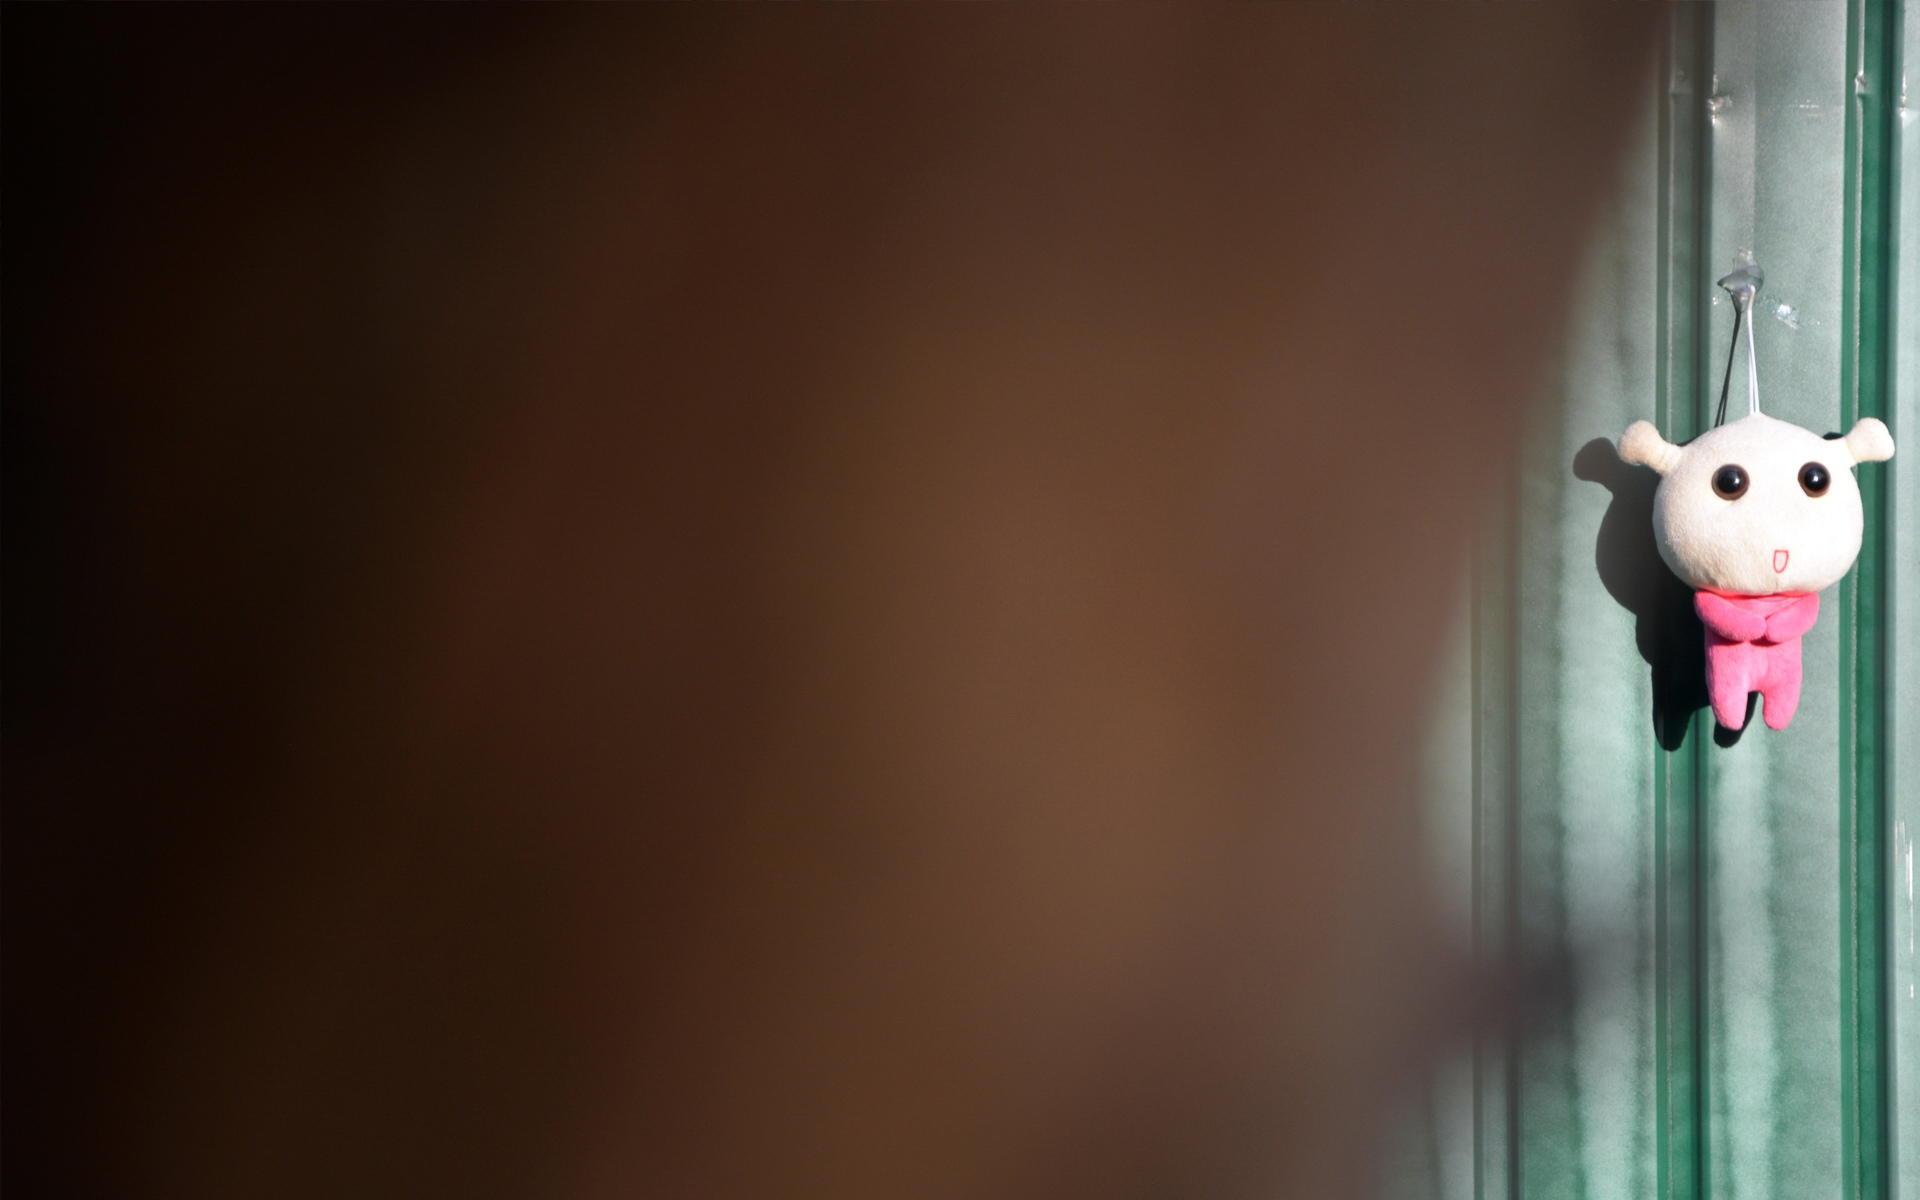 毛绒蜗弟公仔摄影高清壁纸